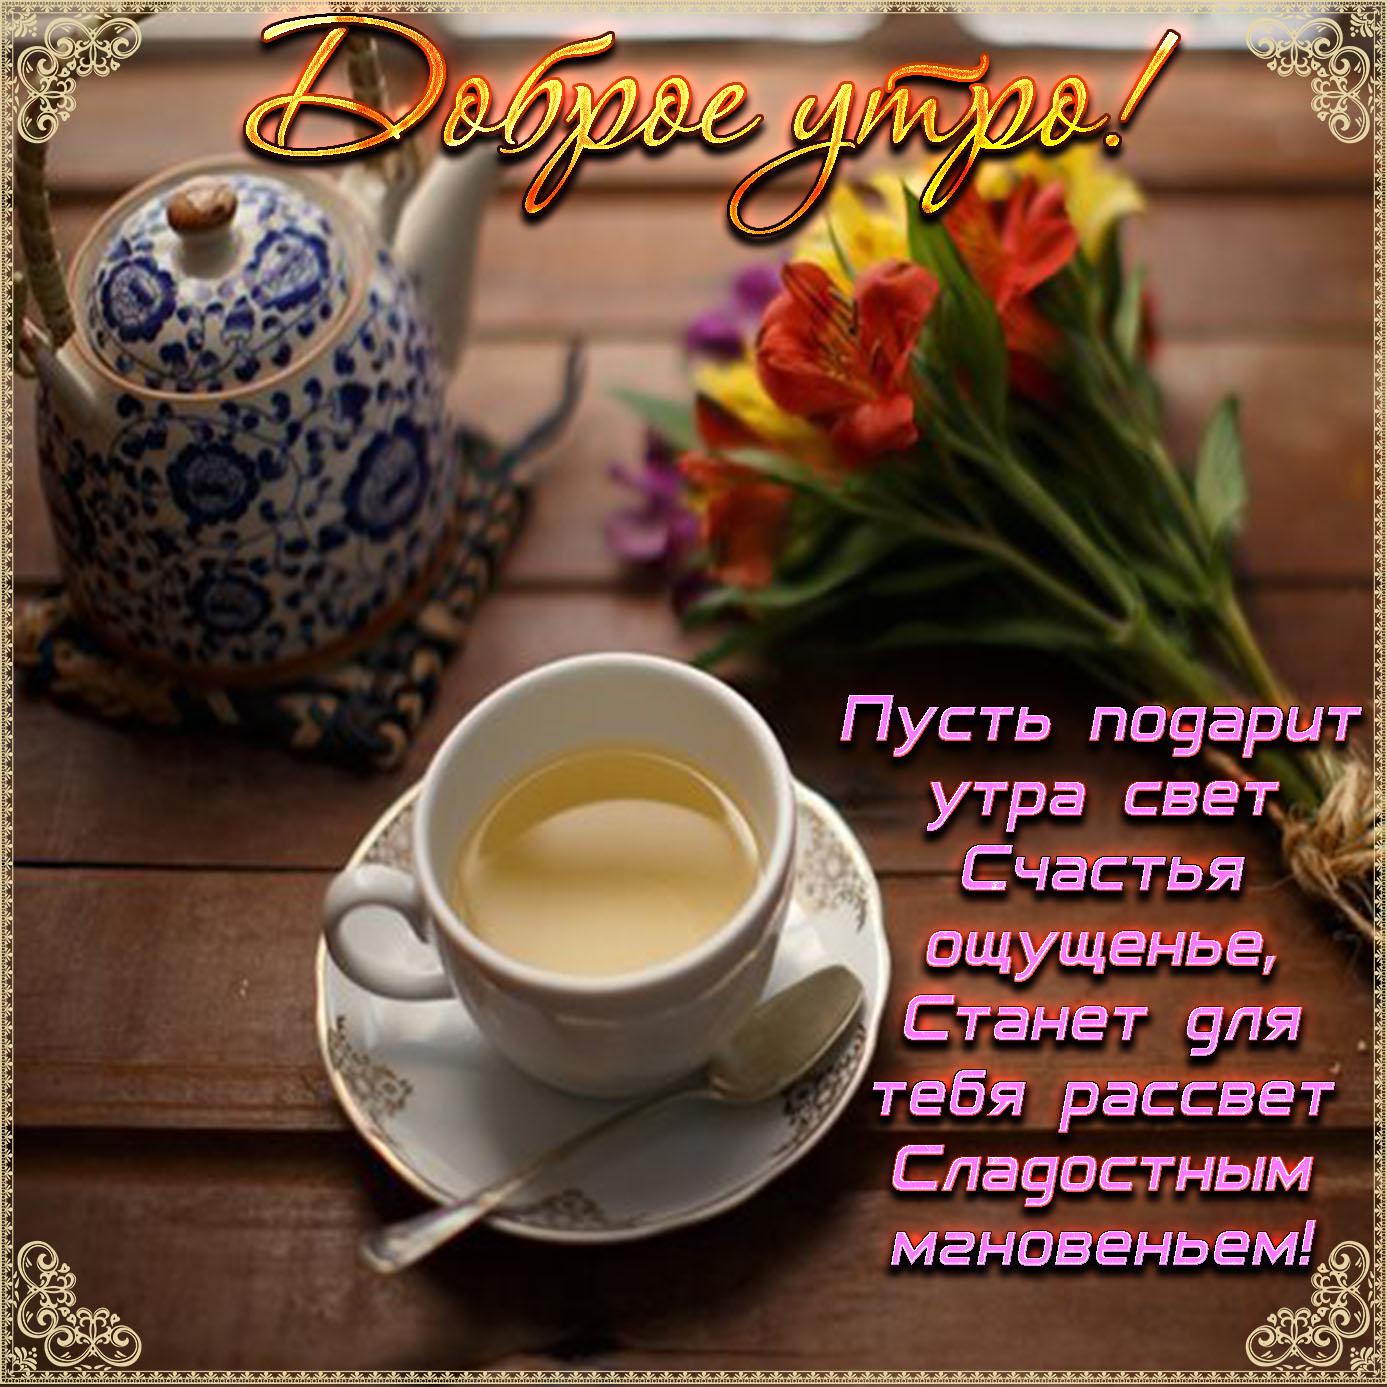 Открытка с пожеланием доброго утра и чашкой кофе